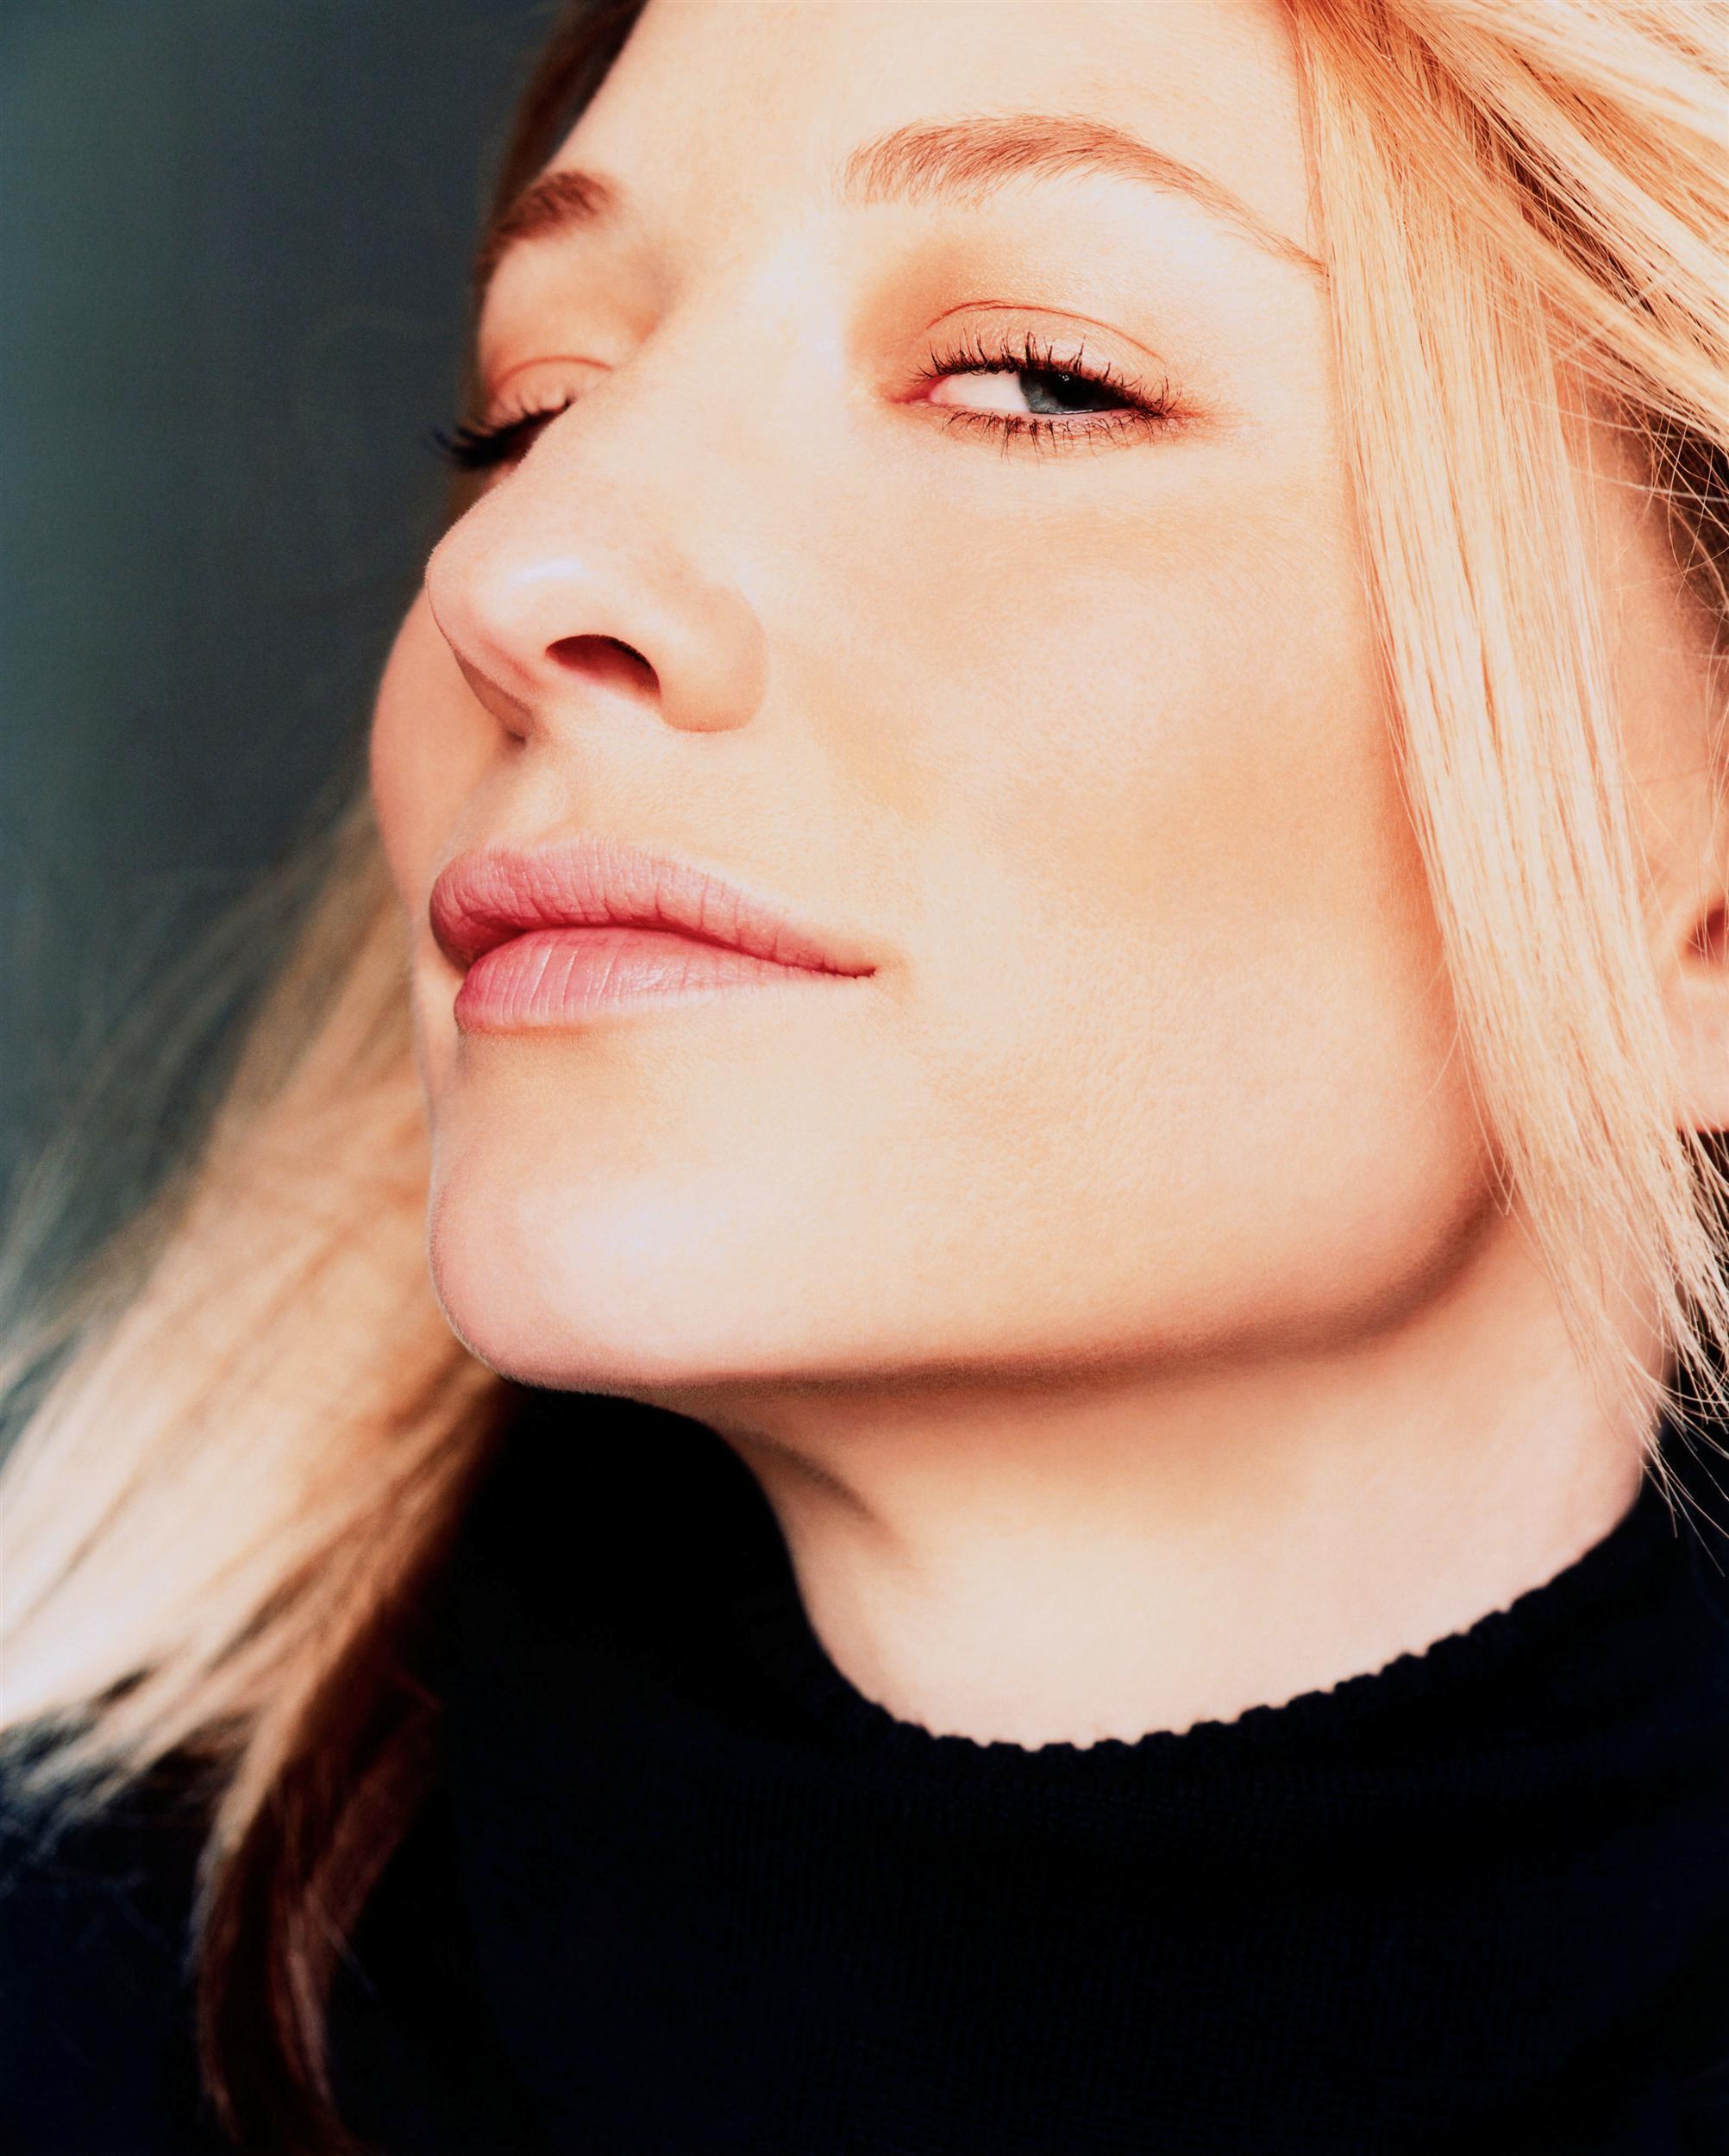 Cate Blanchett panocha